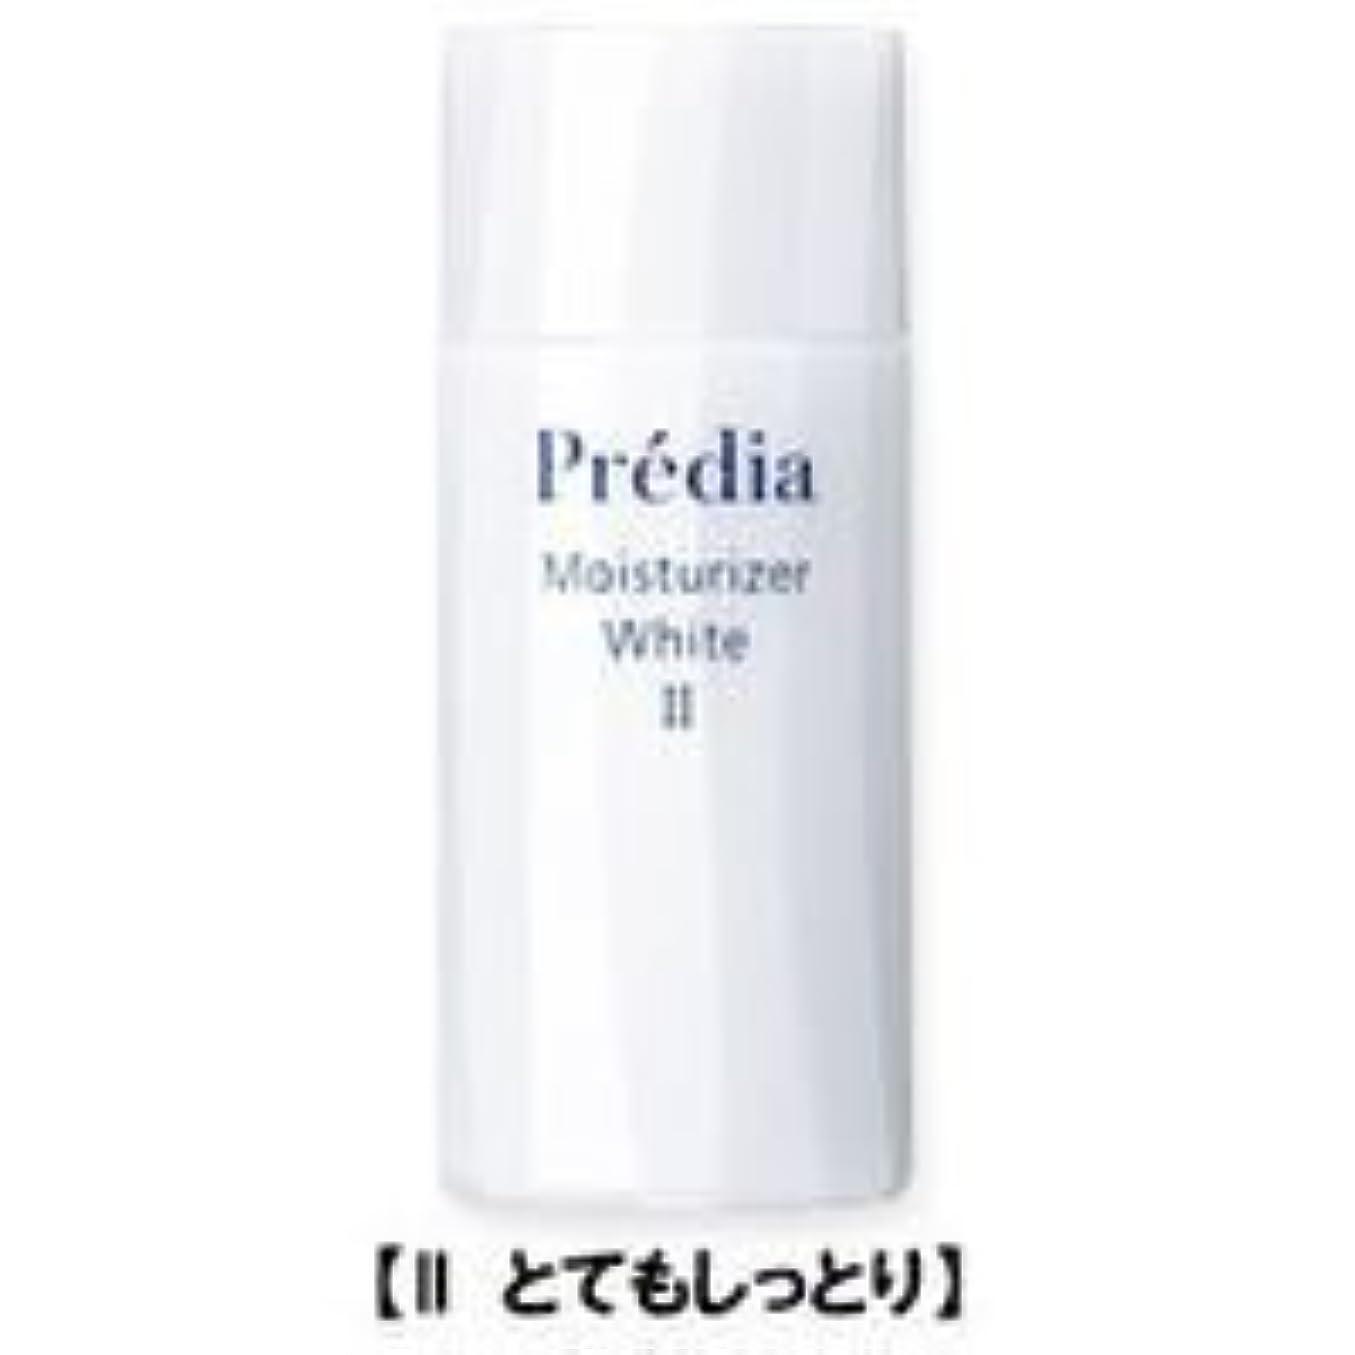 余裕があるプランテーションシダコーセー プレディア モイスチュアライザー ホワイト II とてもしっとり 120ml 乳液